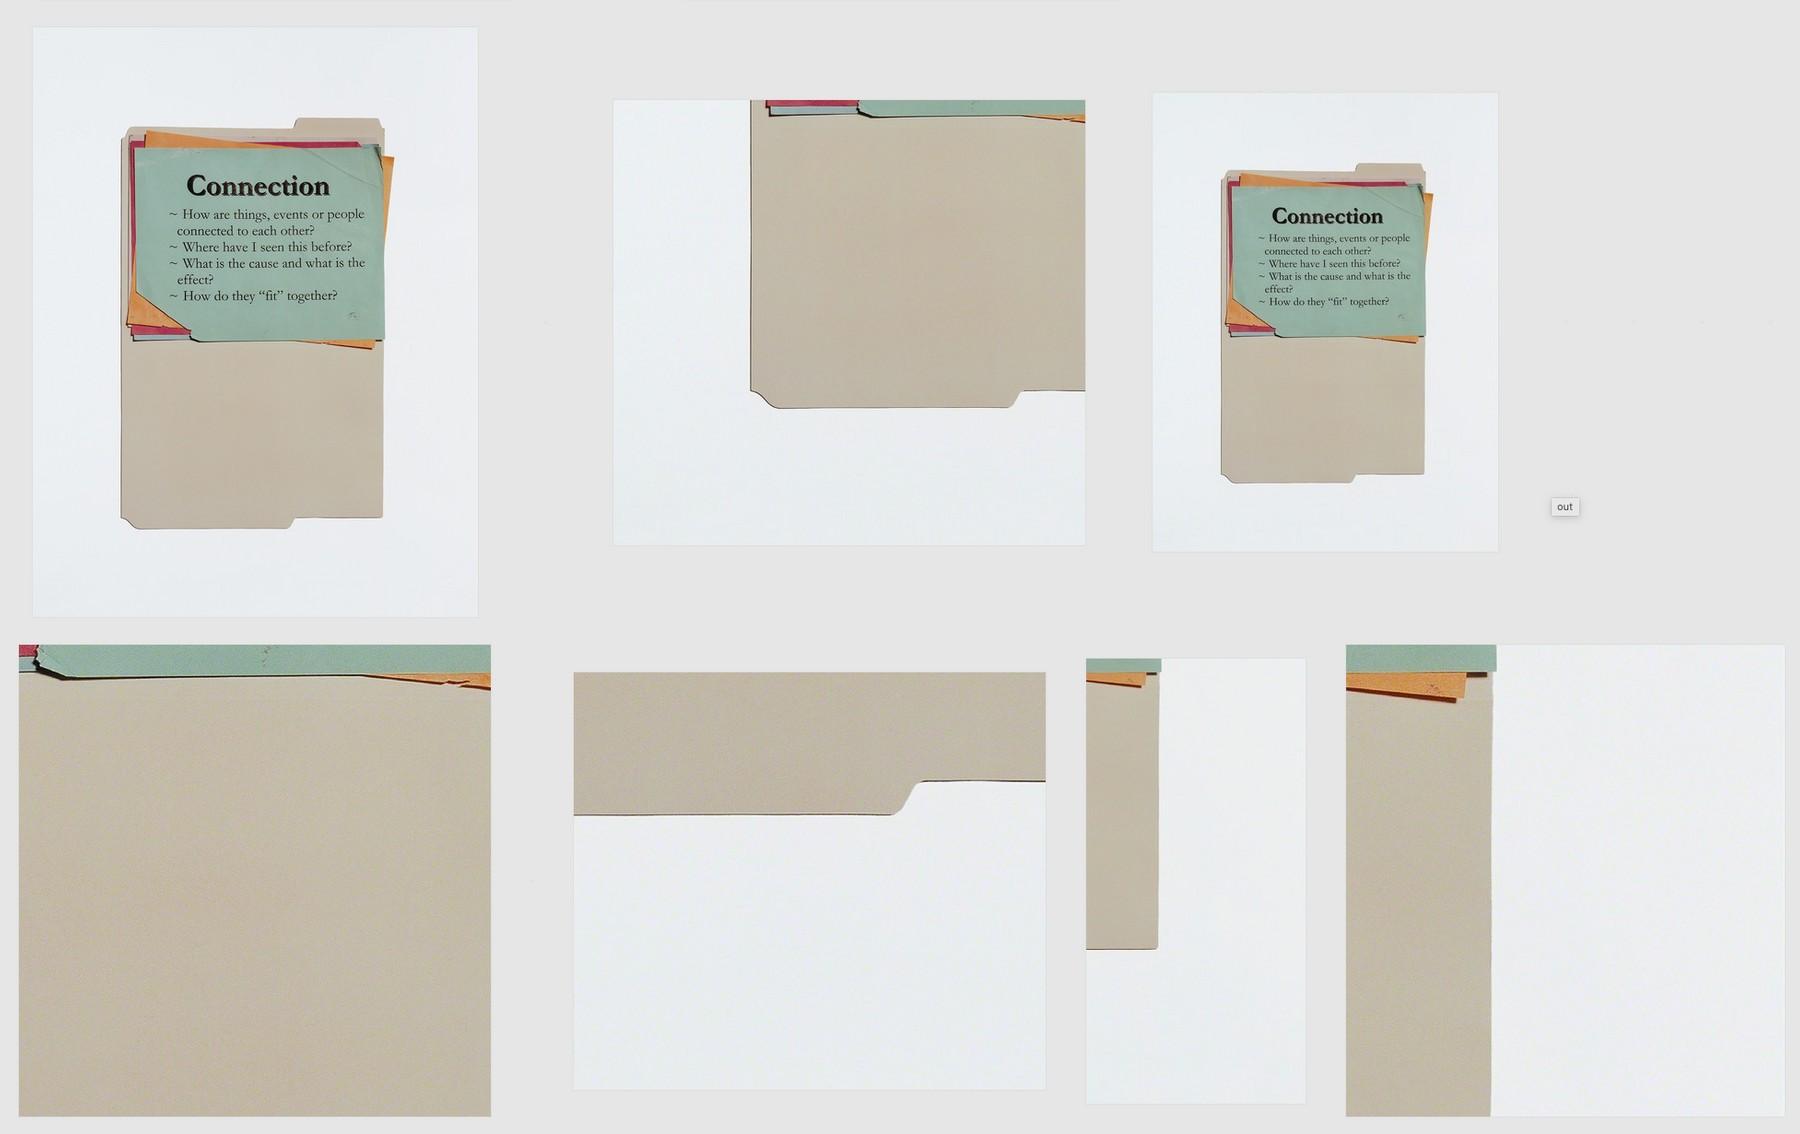 screen-shot-2021-03-03-at-9.01.36-am.png